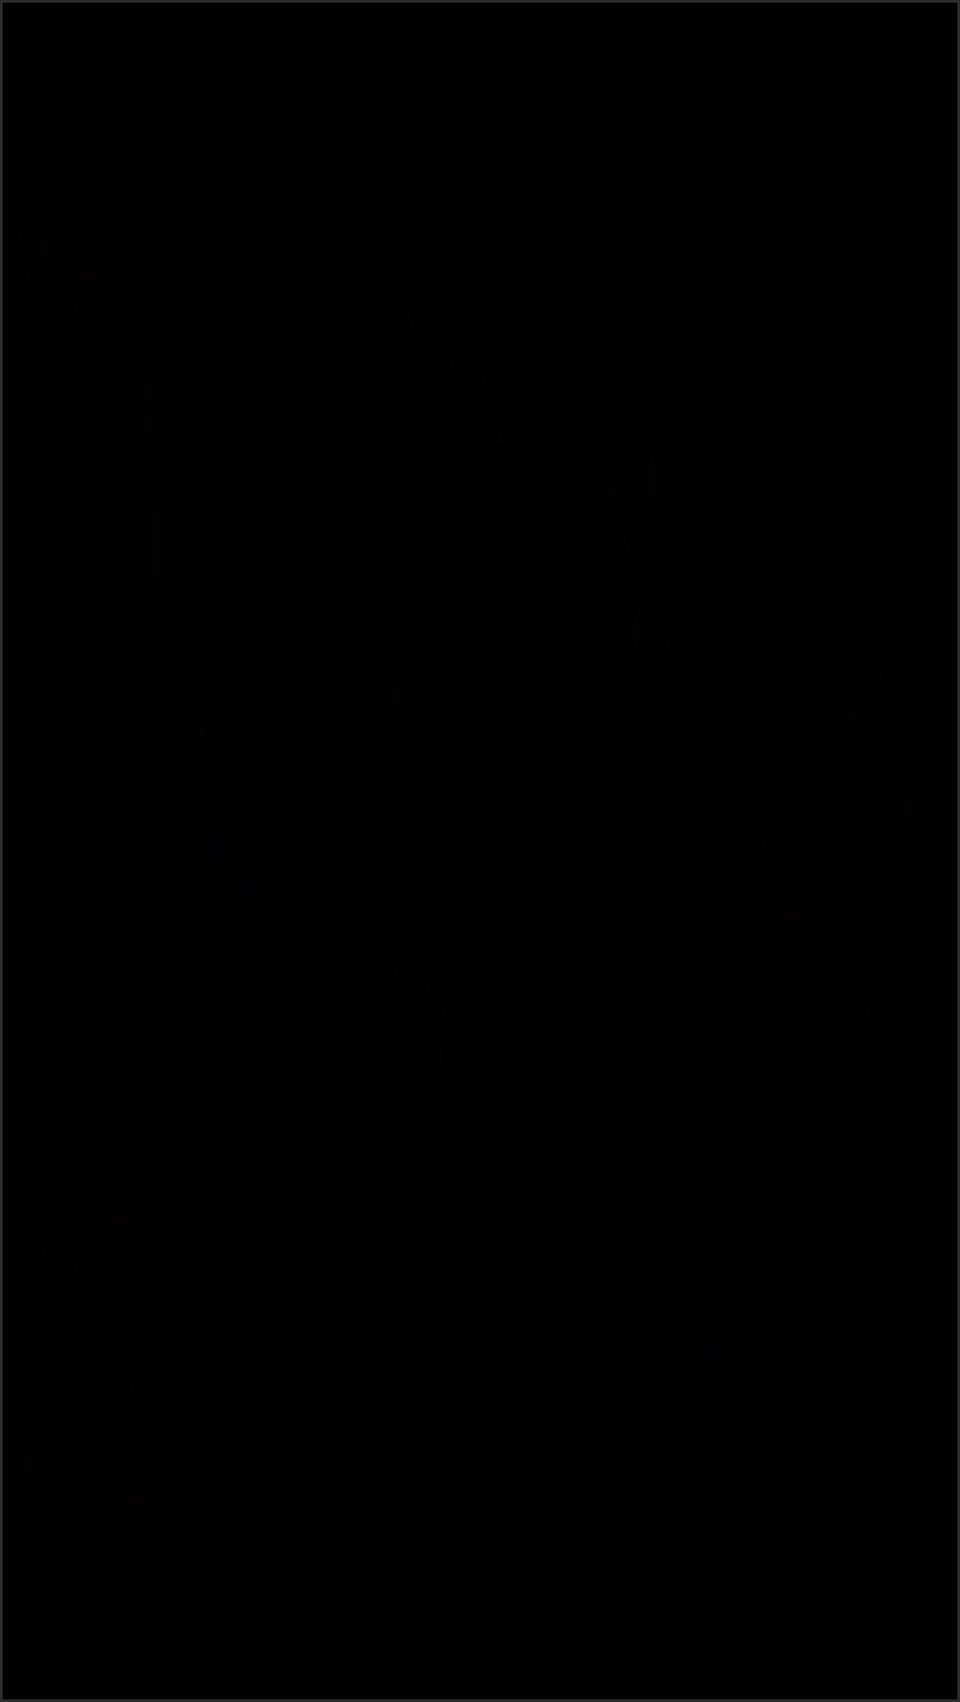 [SD] Hayleyxyz Riding And Squatting On My Dildo Hayleyxyz - Manyvids-00:05:47 | Size - 584,2 MB